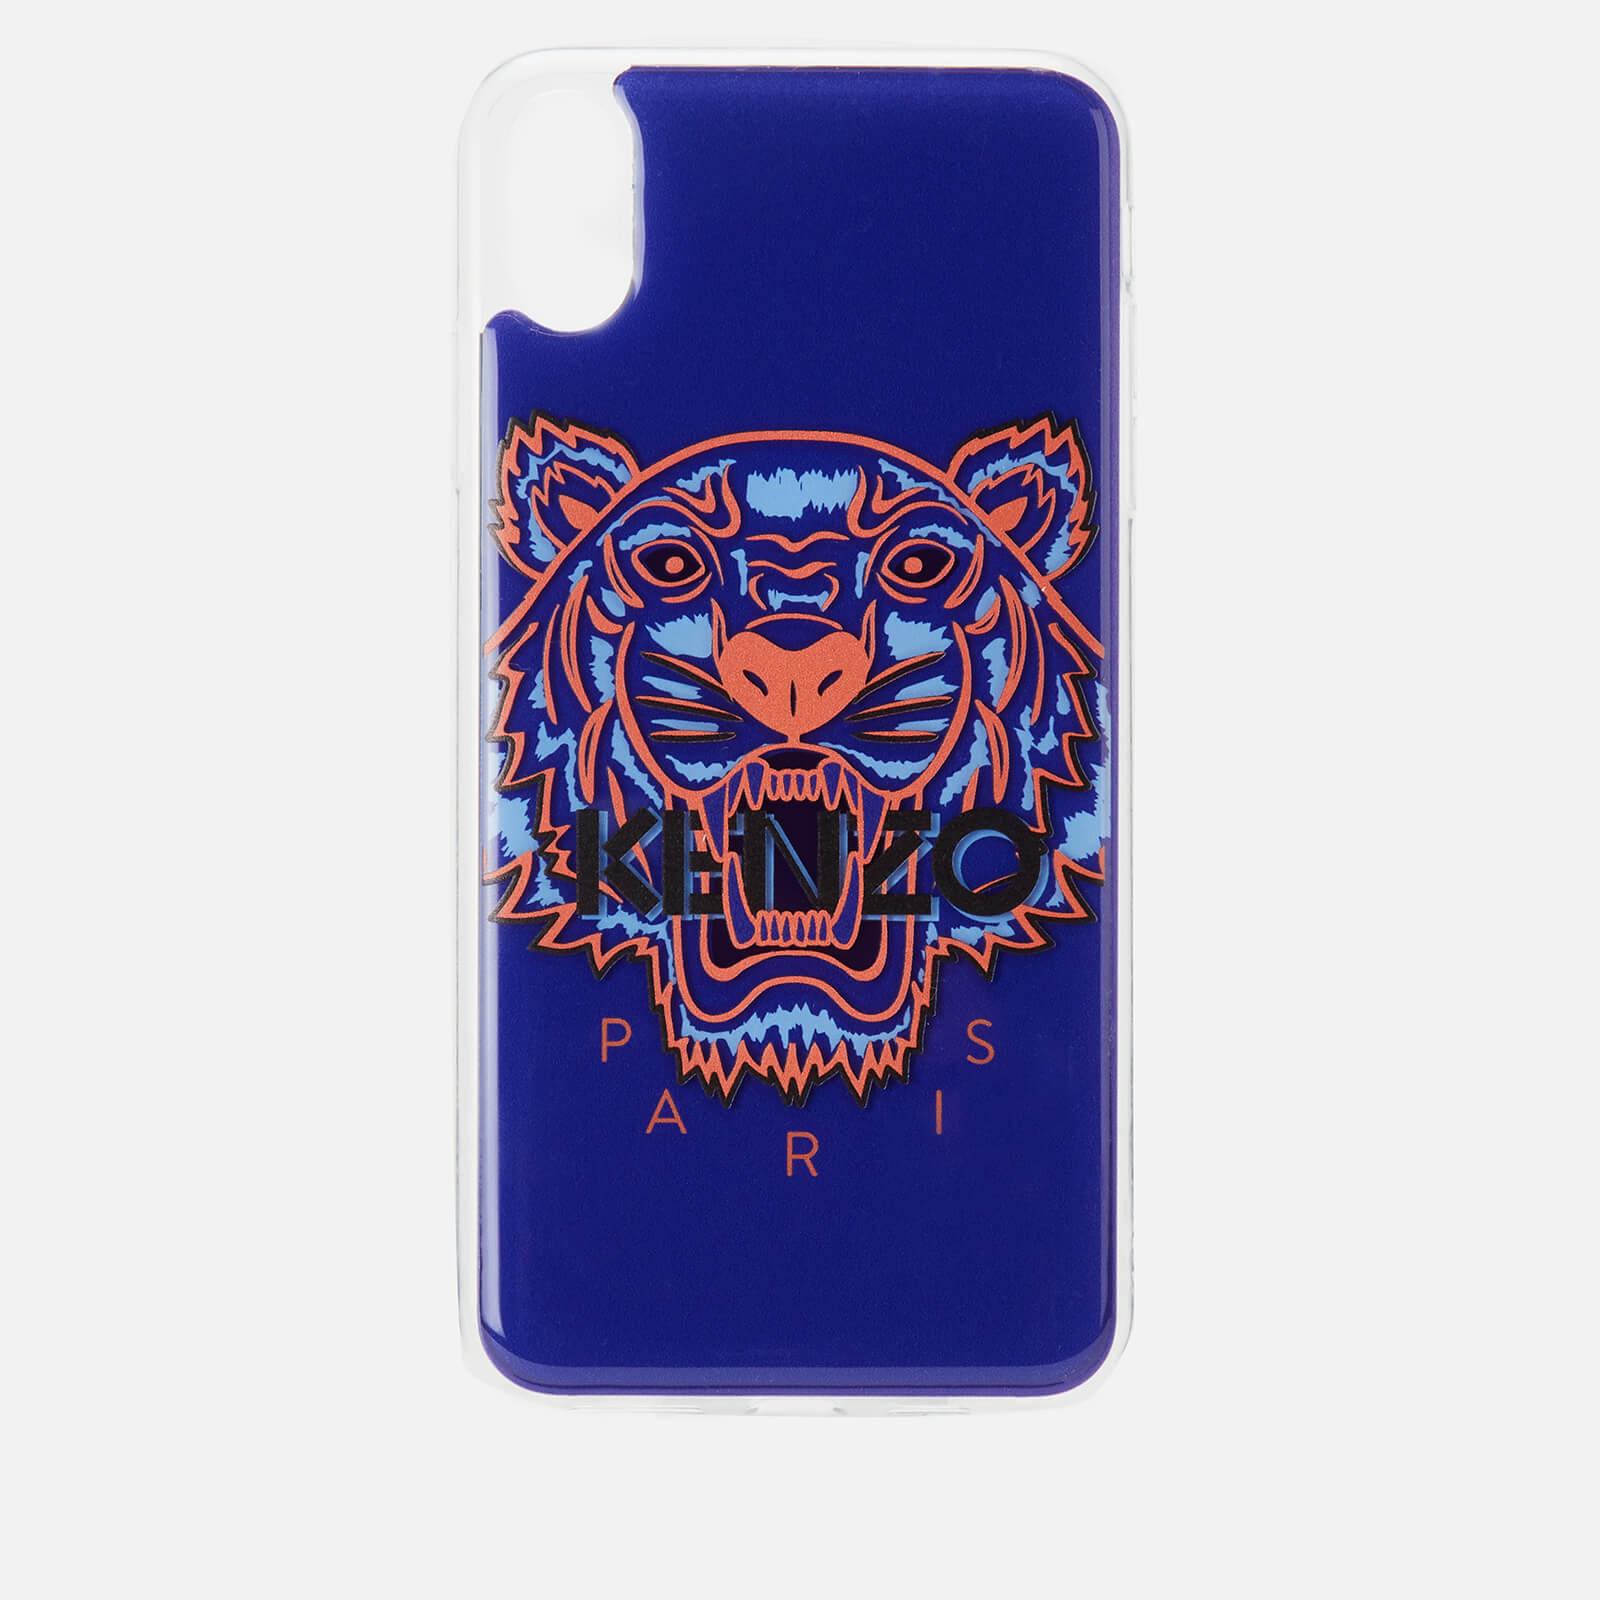 meet 100a1 410f4 KENZO iPhone X Max Case - Deep Sea Blue